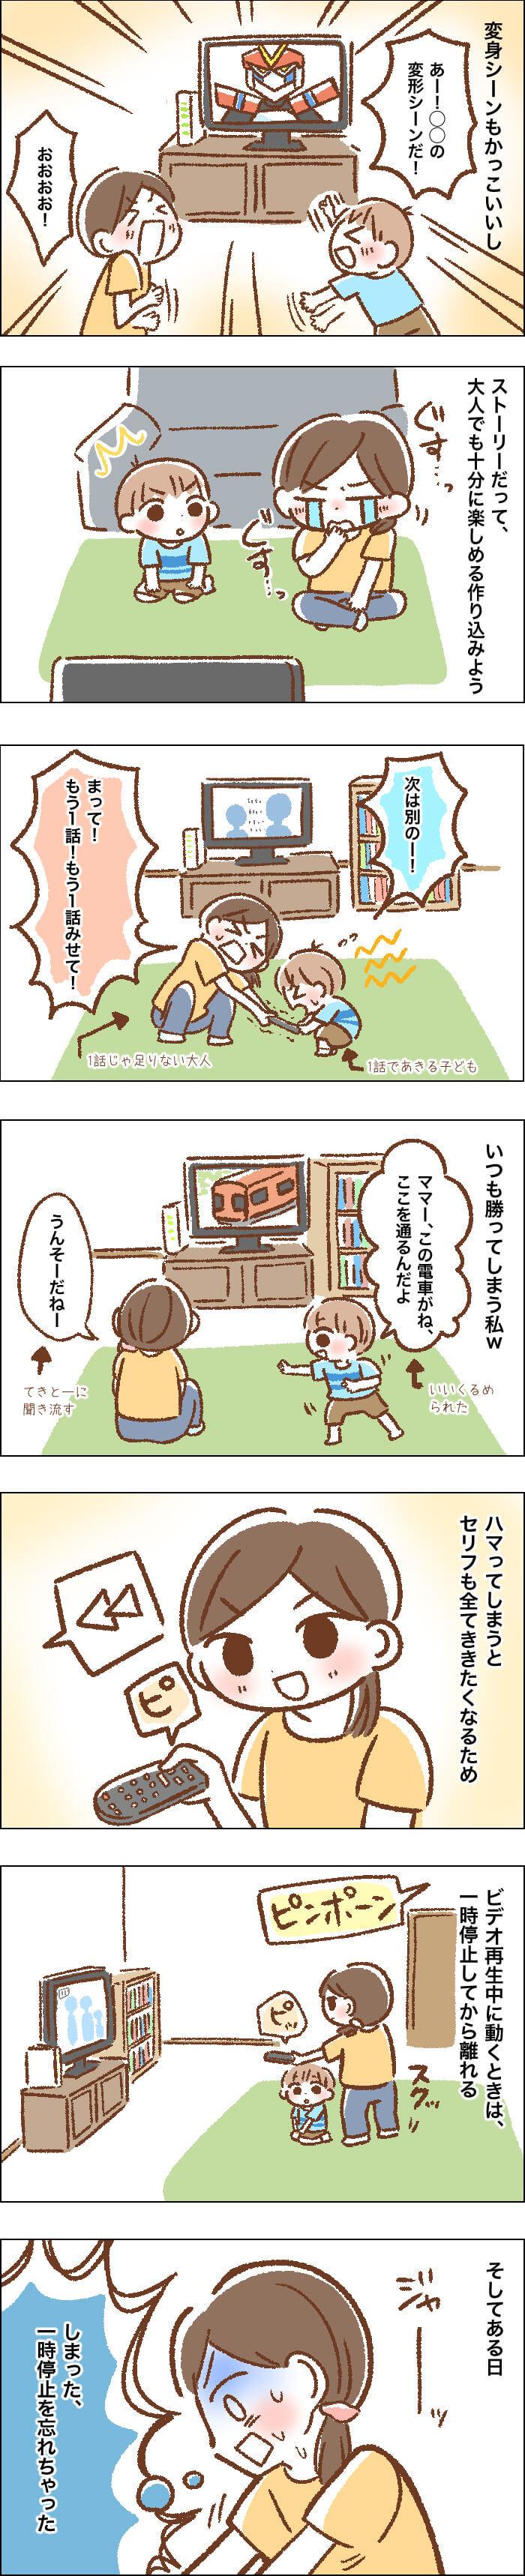 幼児アニメにドハマりした結果、家族がいままでにない幸せを手に入れた話の画像2